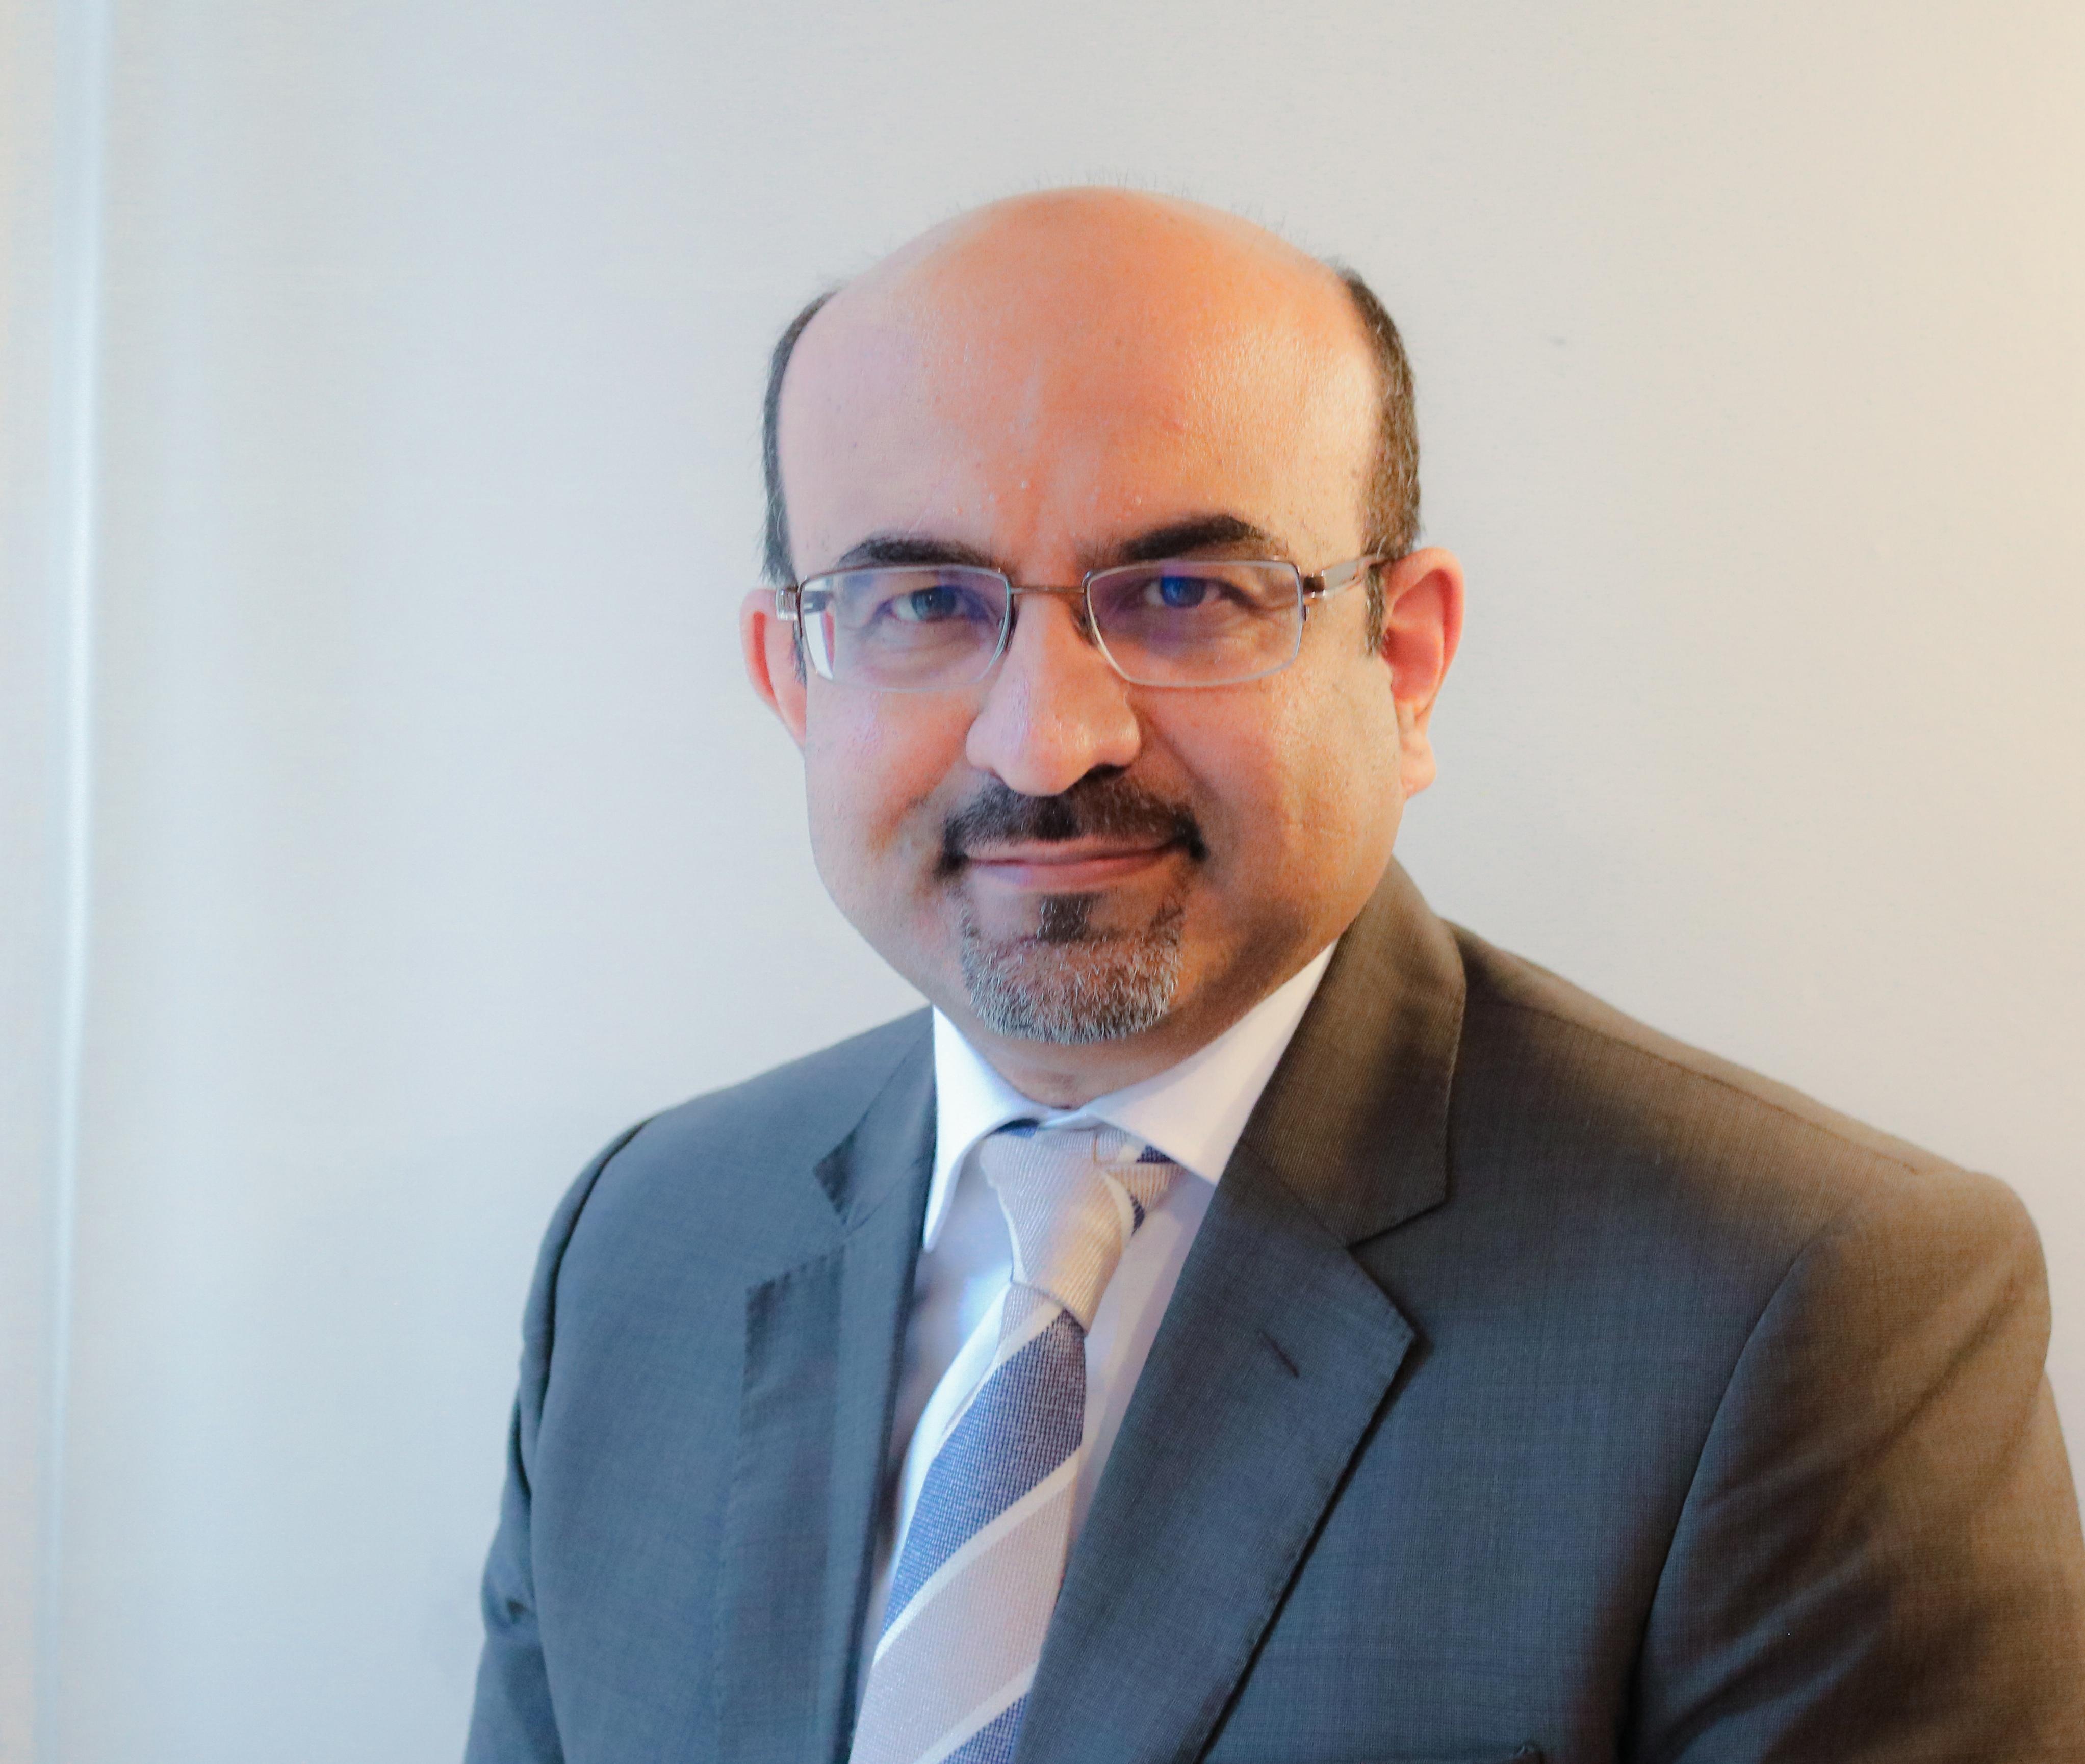 Farid Panjwani